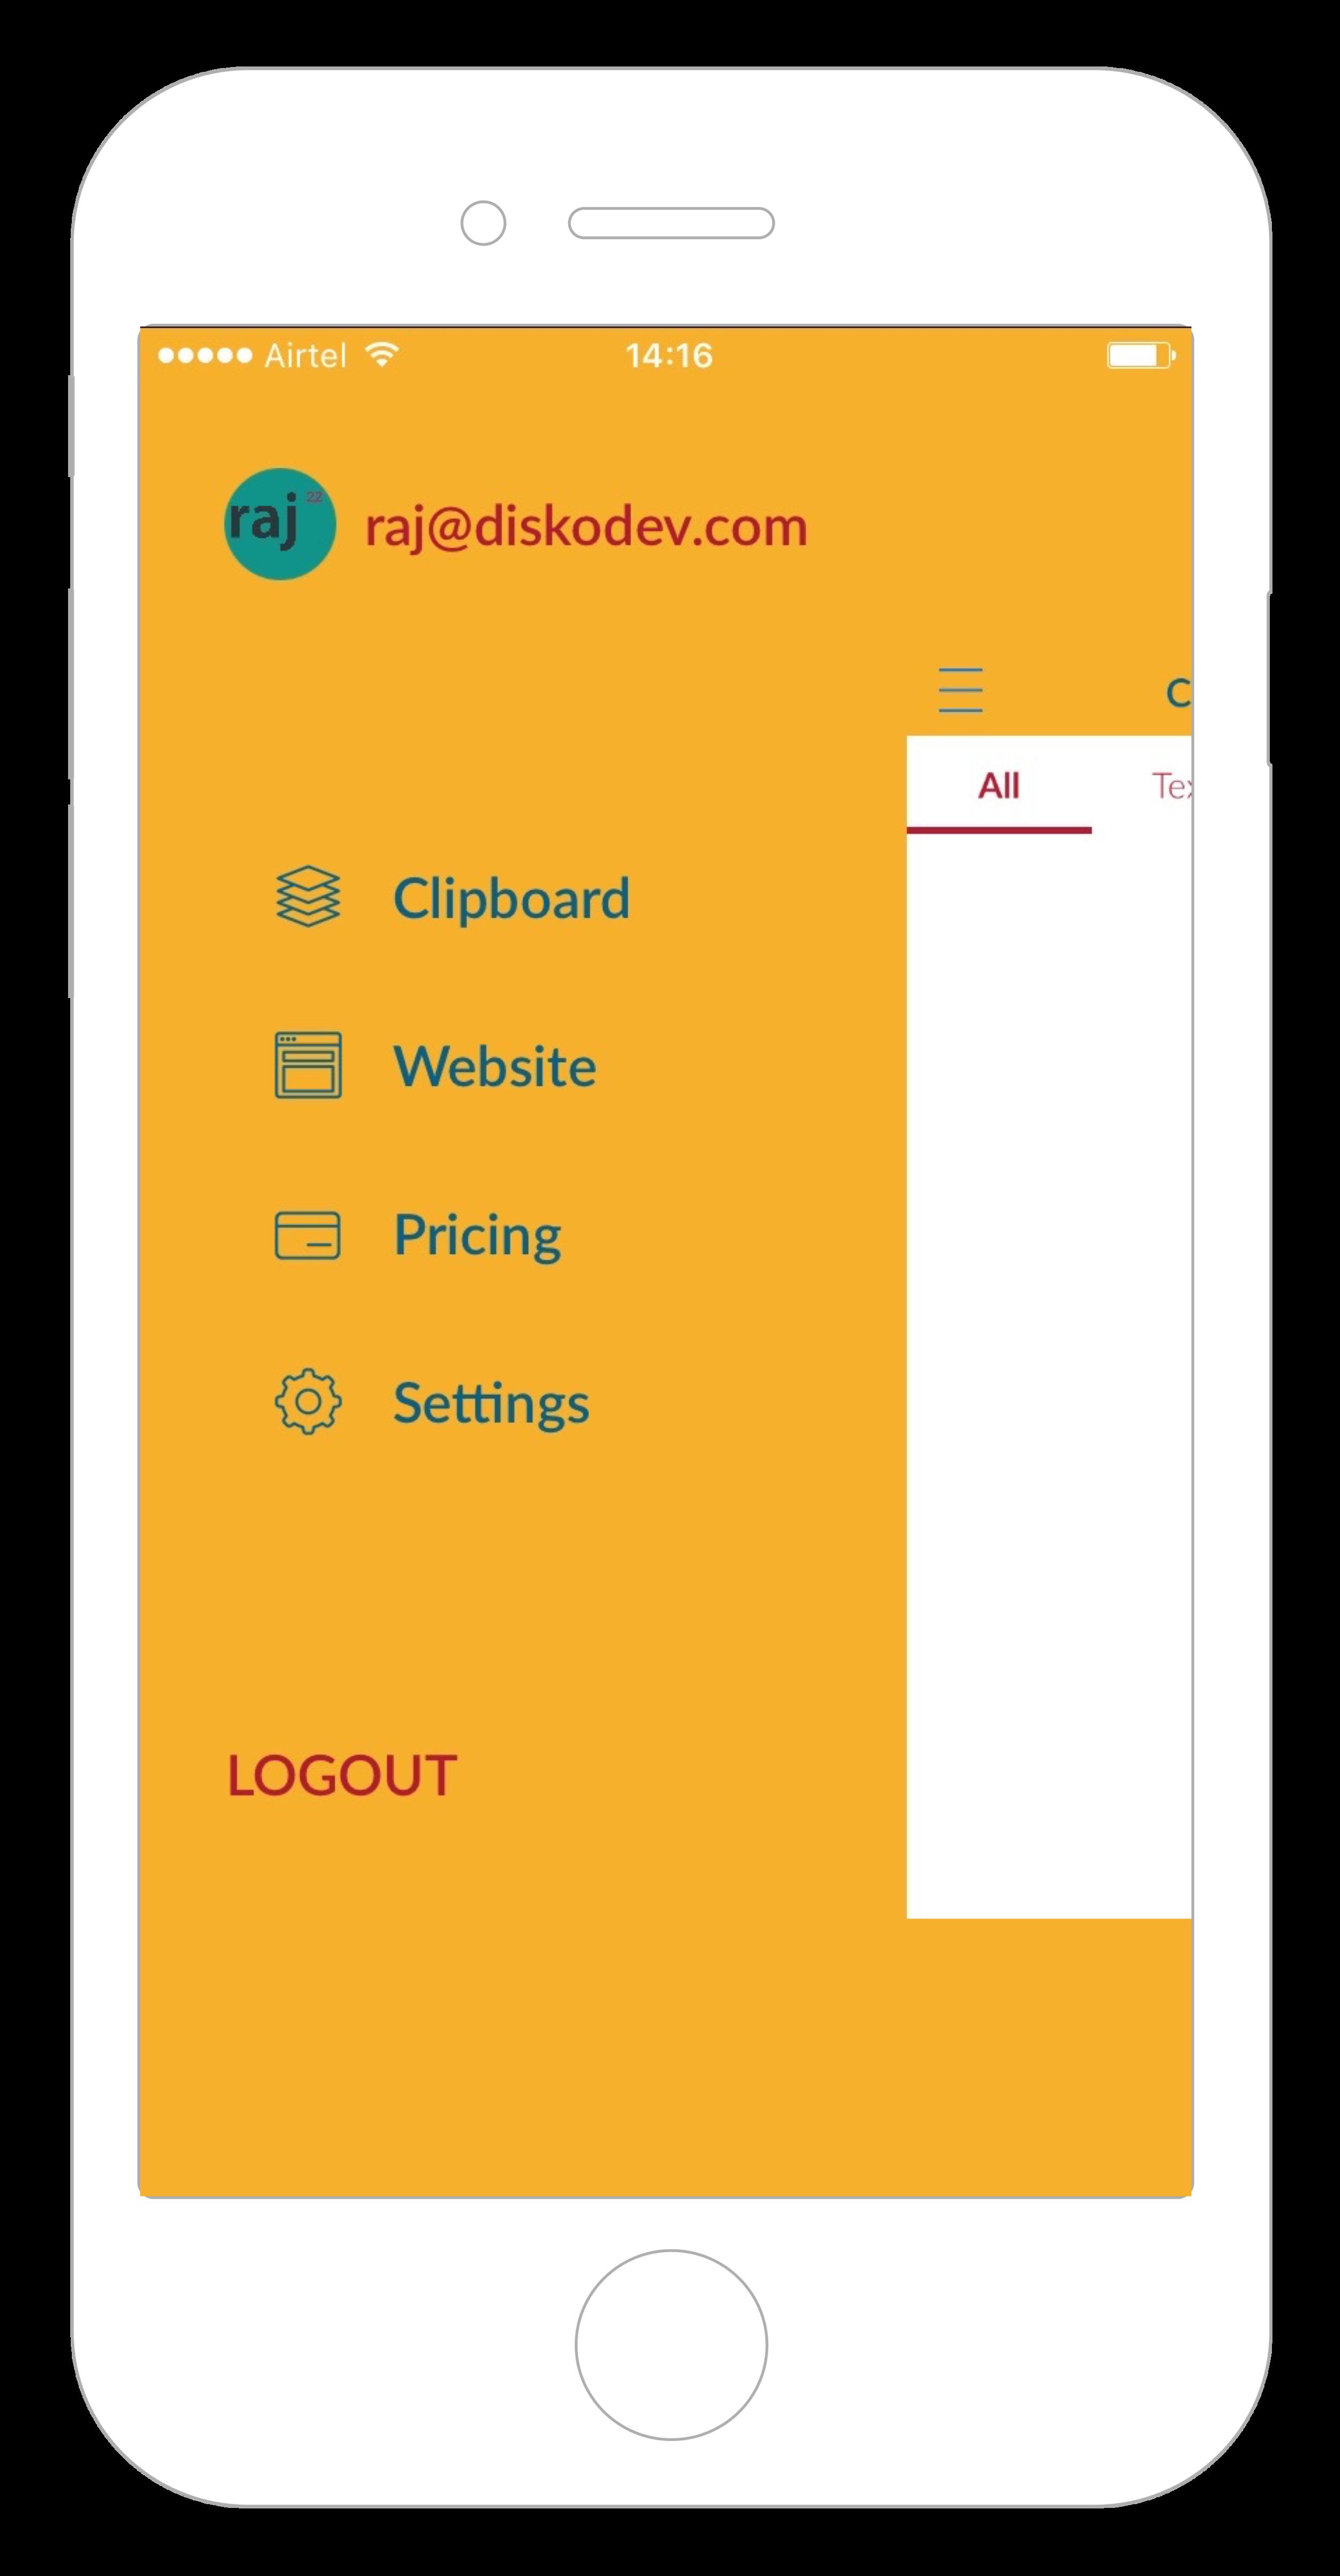 menu_screen.png